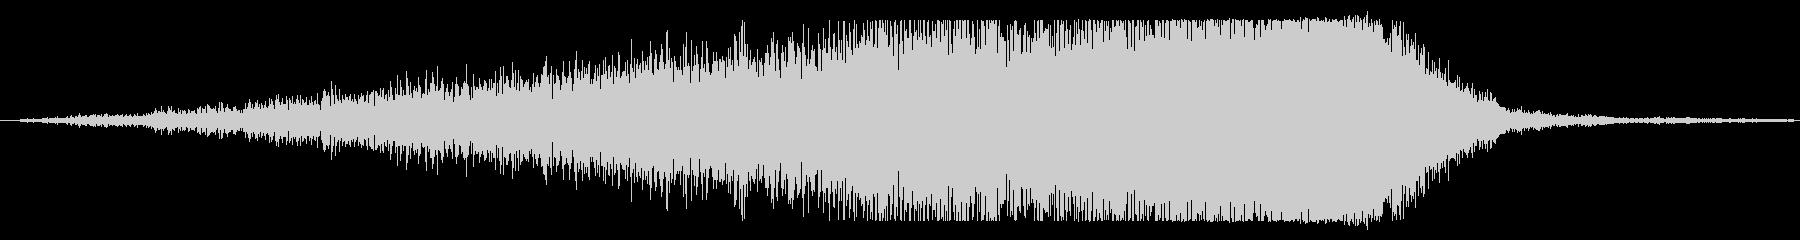 上昇 Silverwind 01の未再生の波形